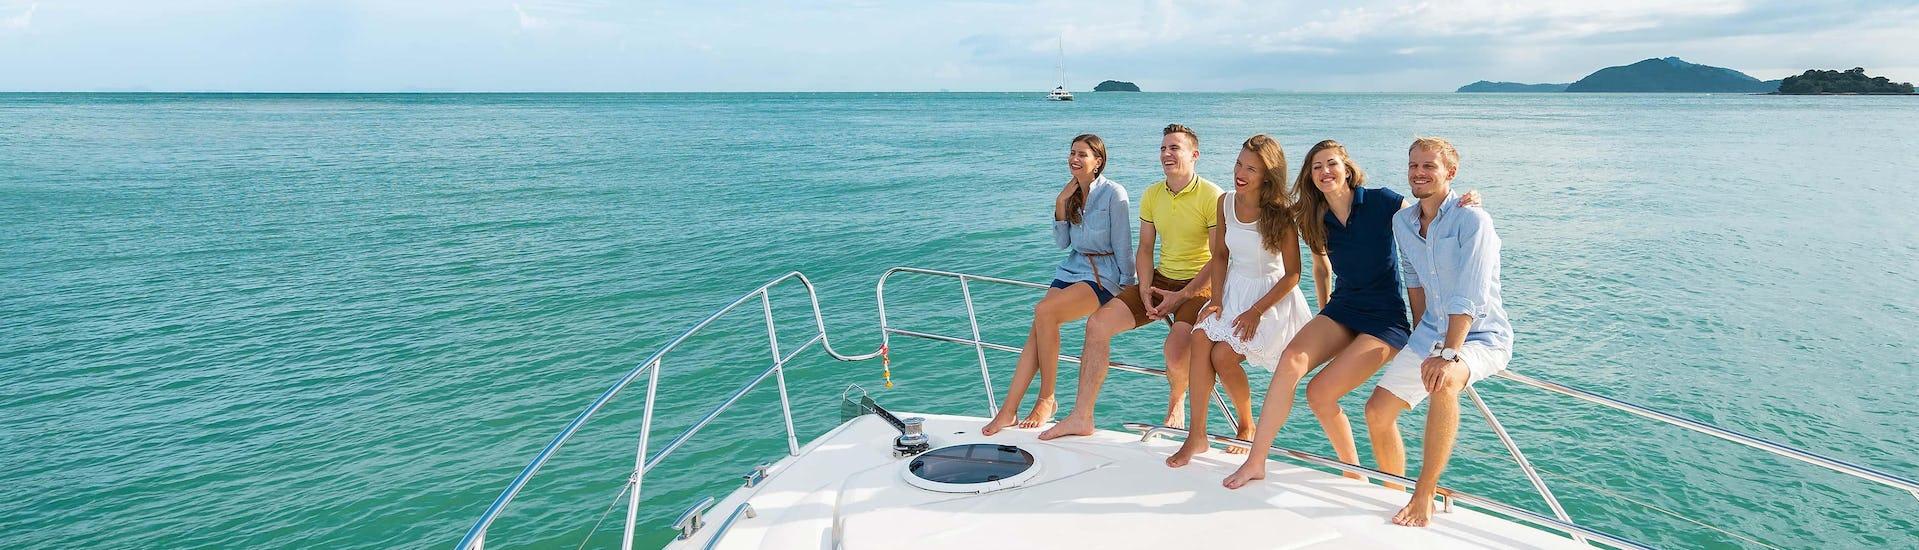 Boat trips (c) Shutterstock